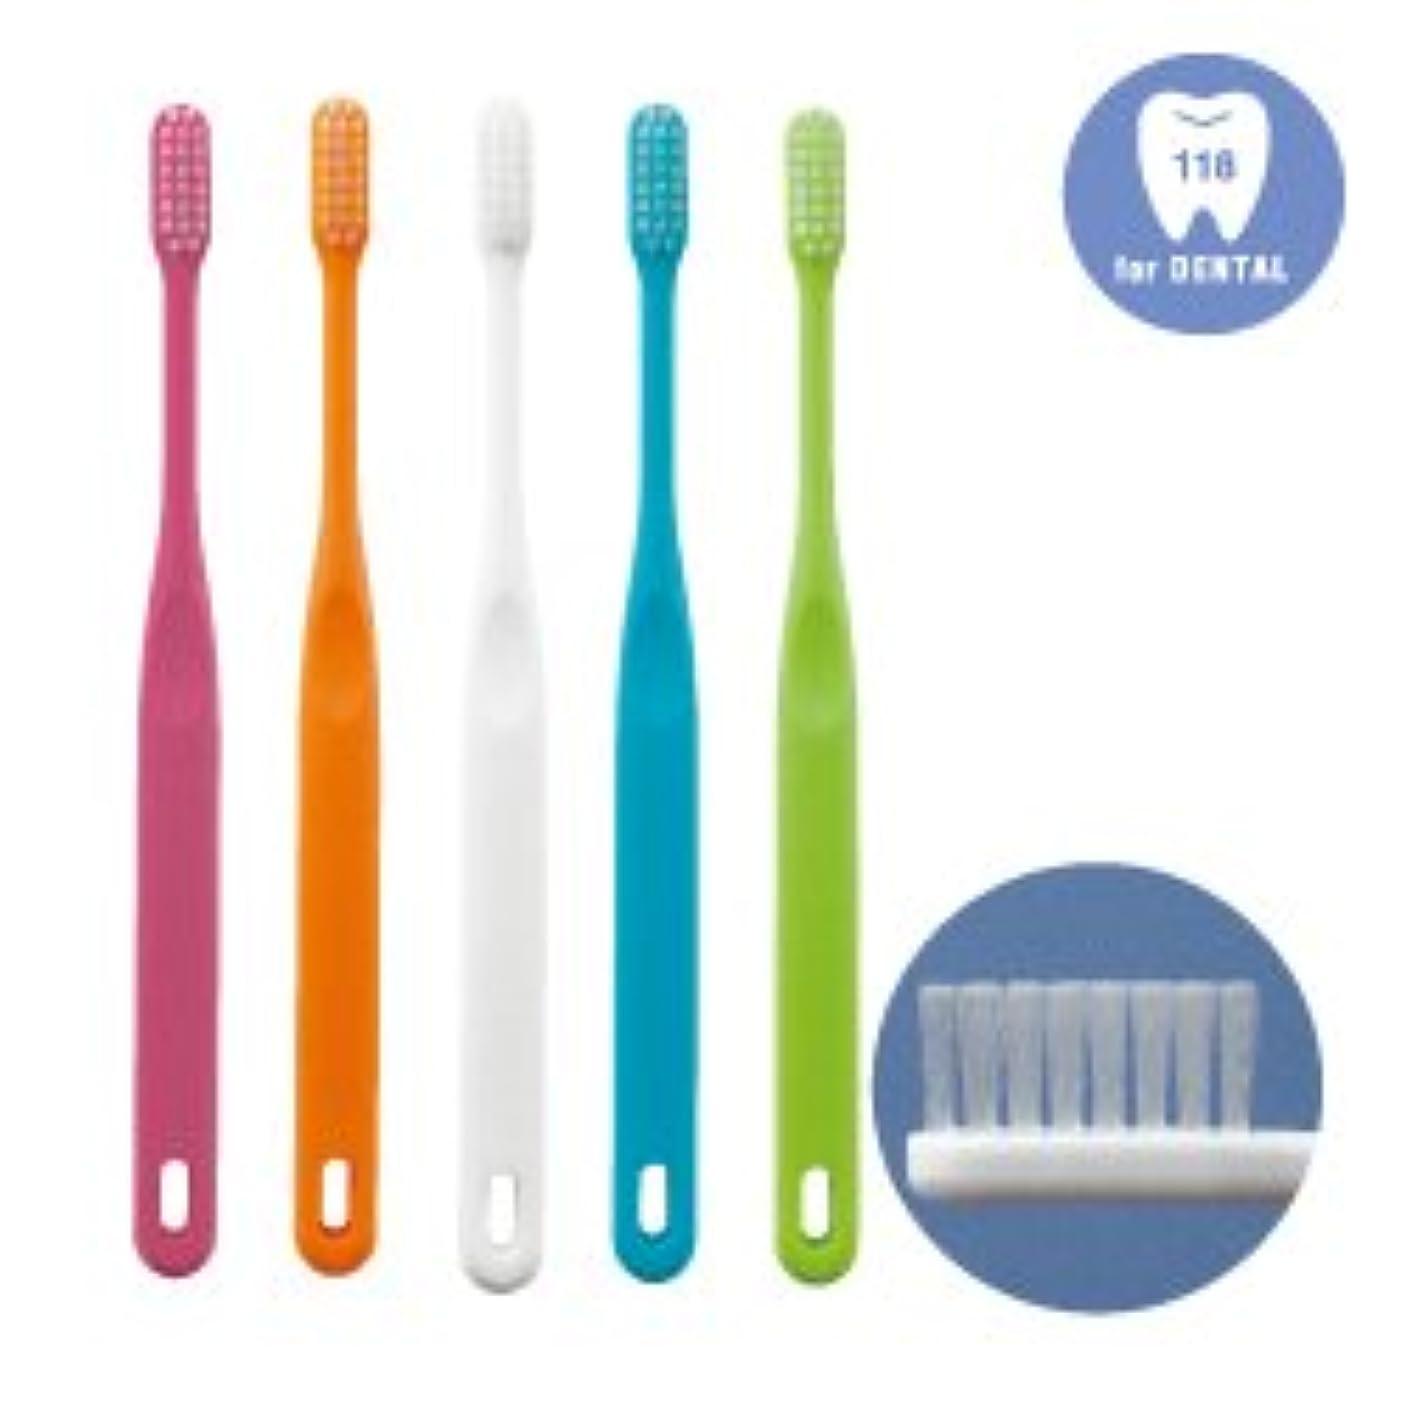 フィットネス繊維些細な歯科専用歯ブラシ「118シリーズ」Advance(アドバンス)M(ふつう)25本